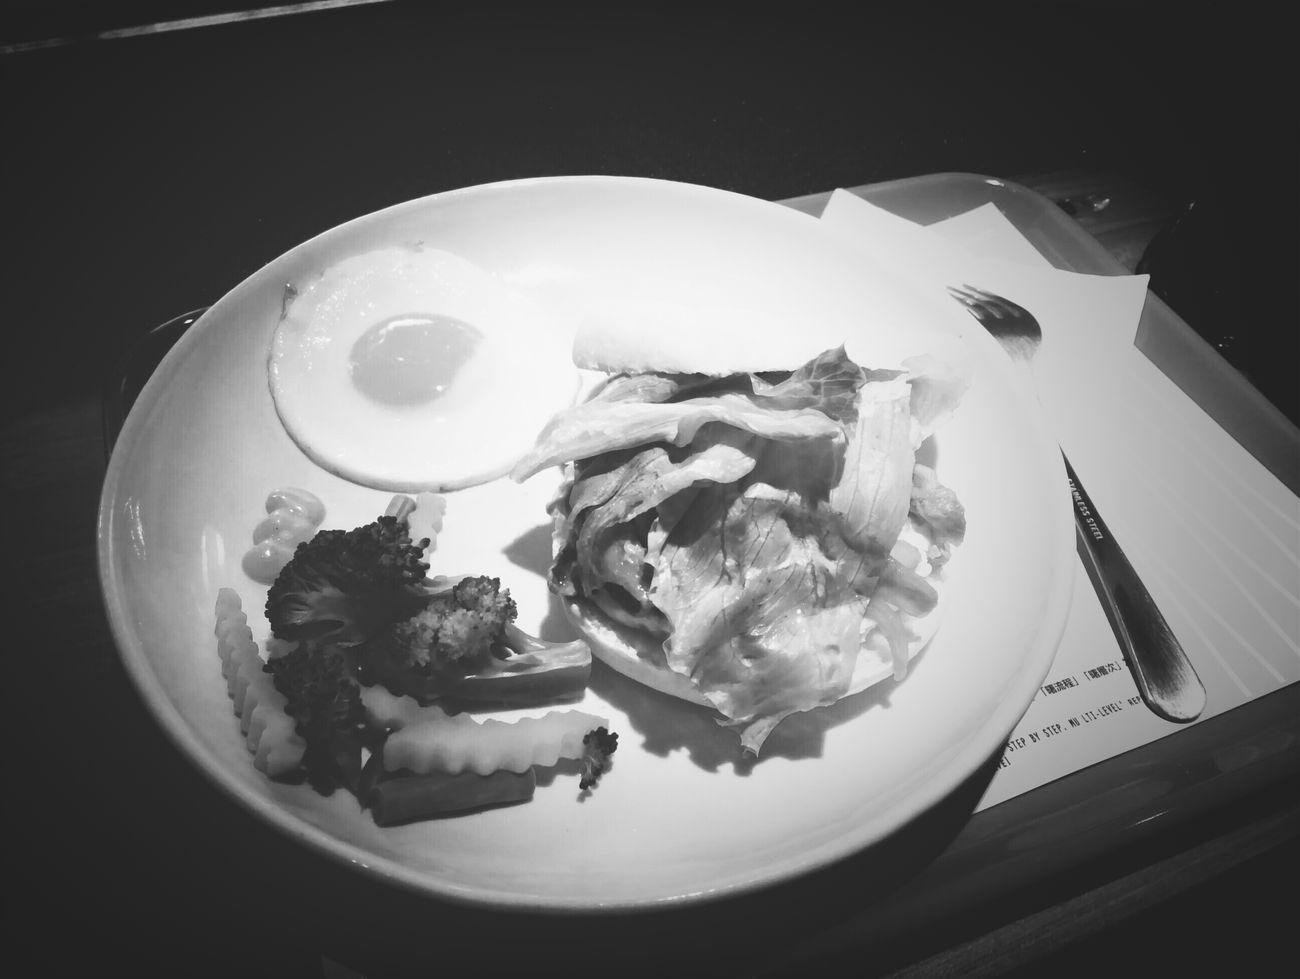 沒有享受美食的心,味蕾簡直盲。 一口嚐味兒,再口嚐精髓